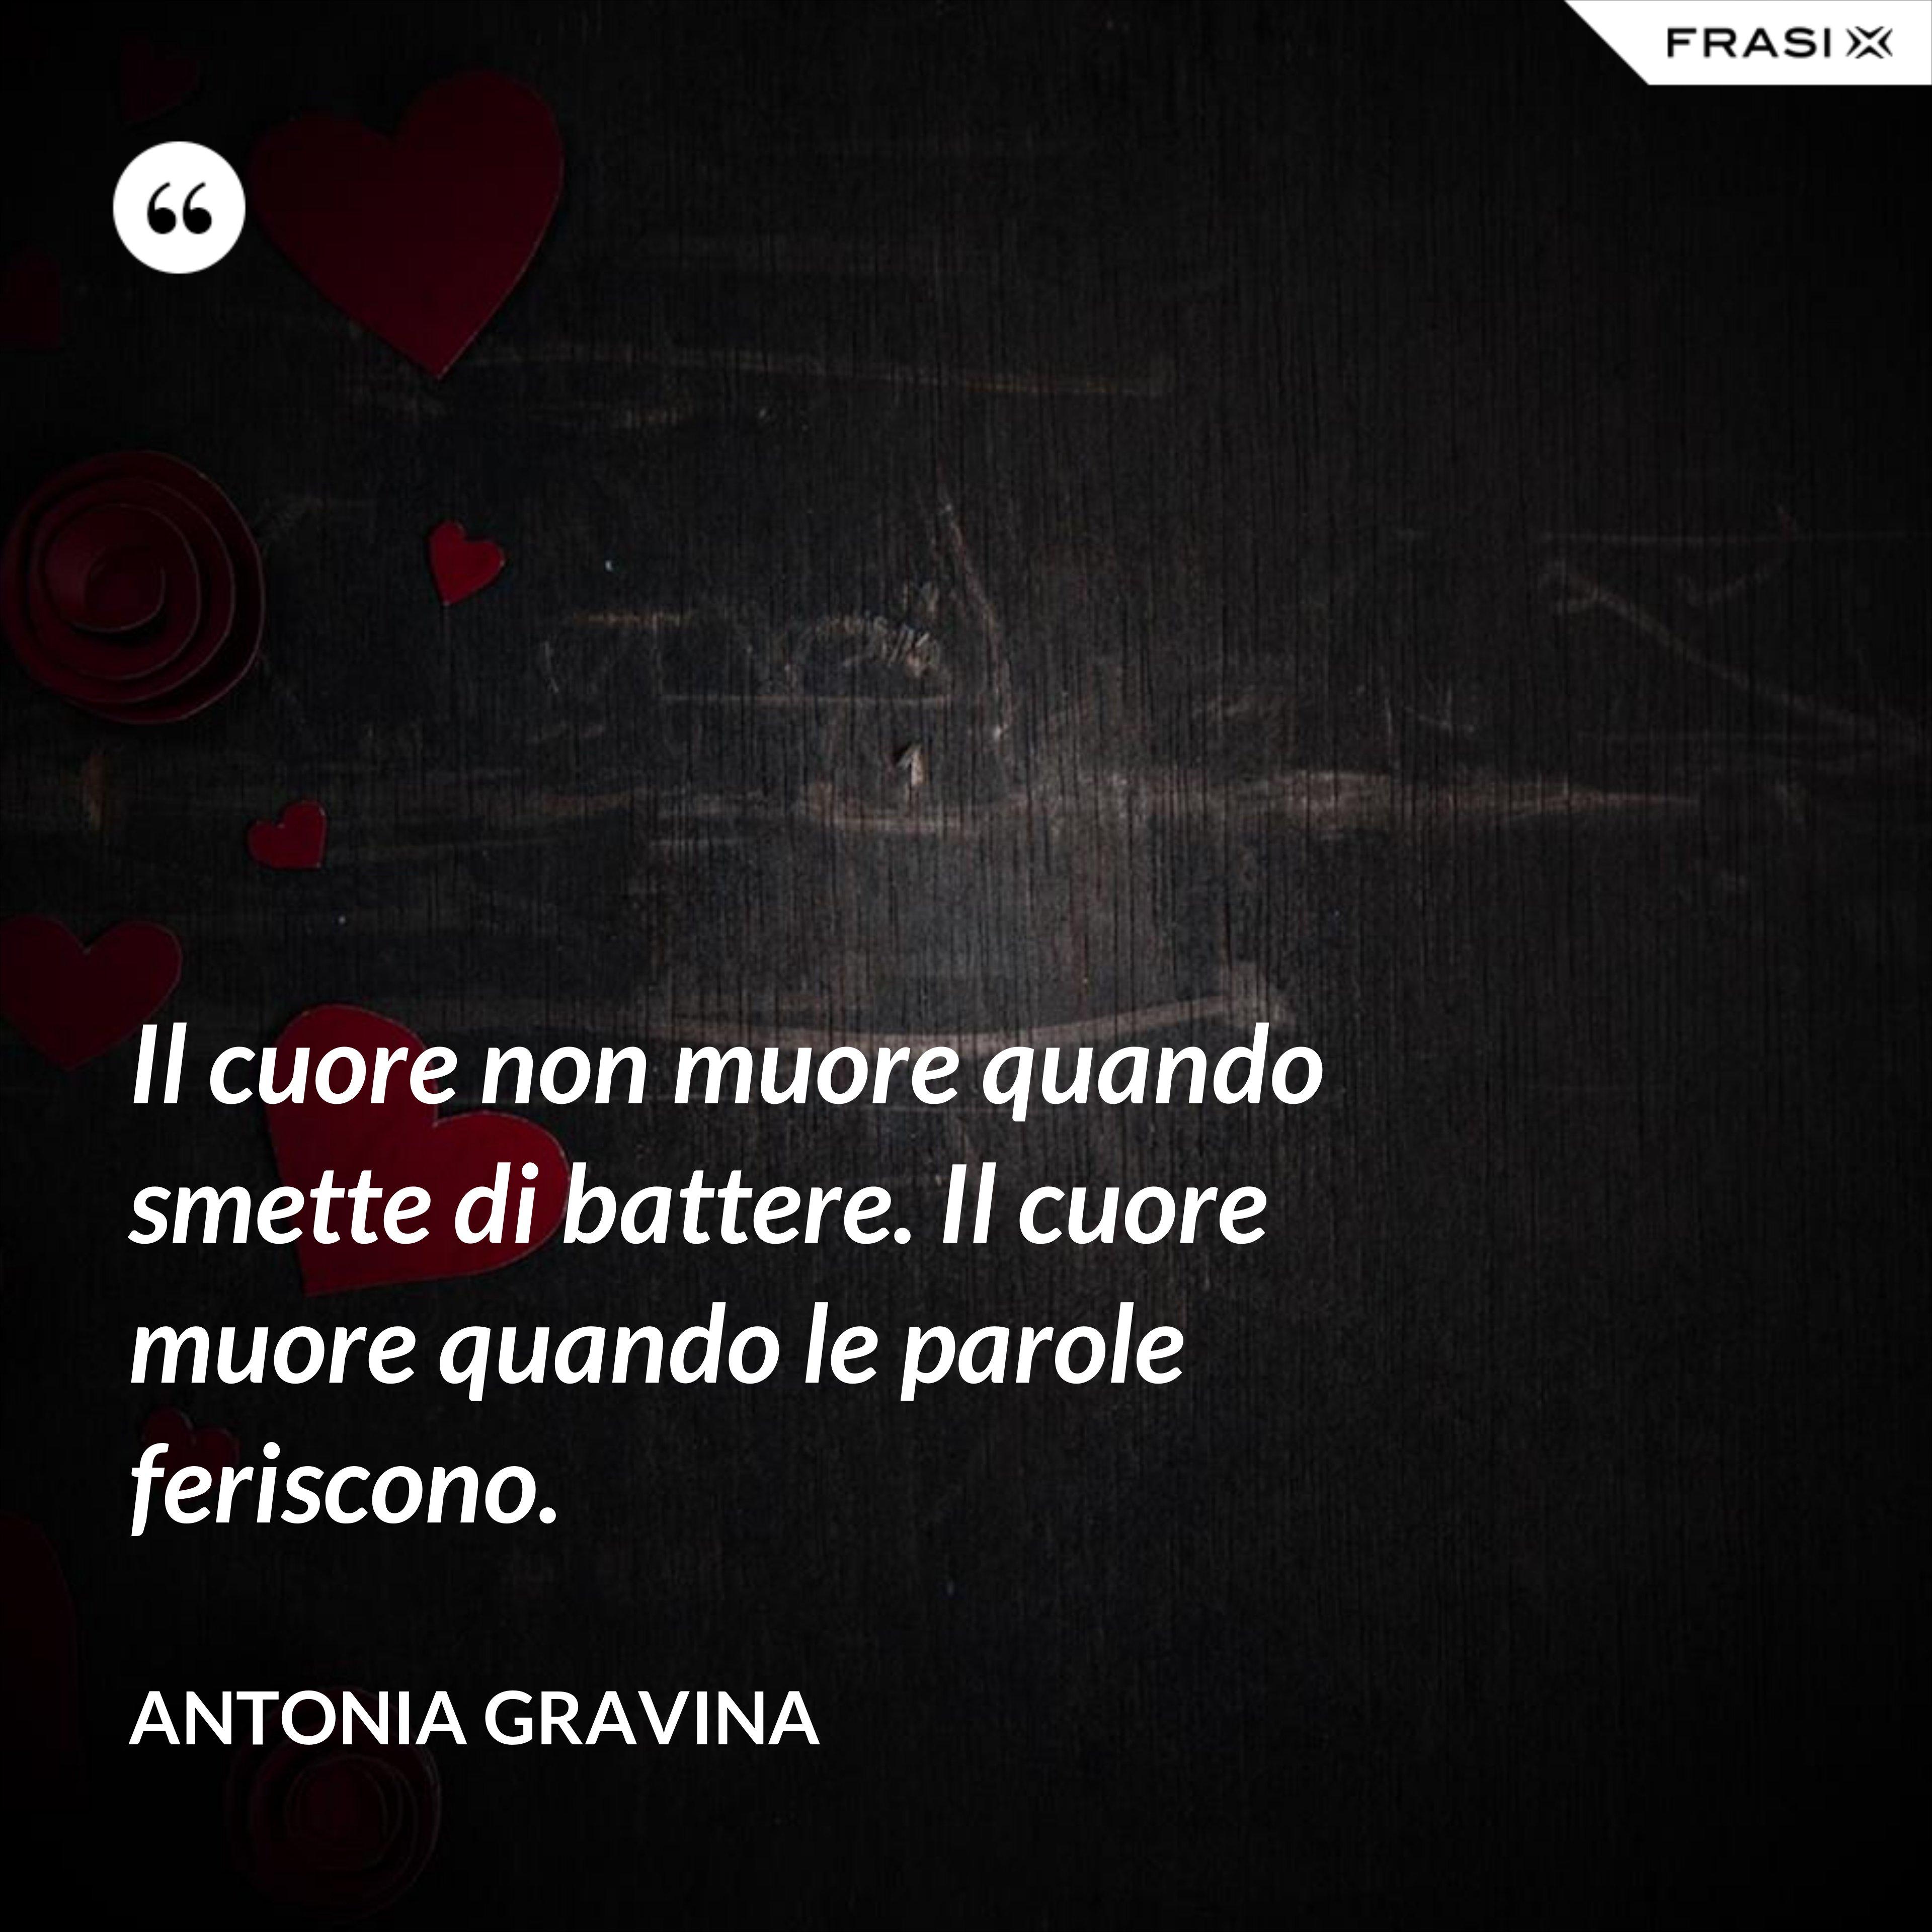 Il cuore non muore quando smette di battere. Il cuore muore quando le parole feriscono. - Antonia Gravina